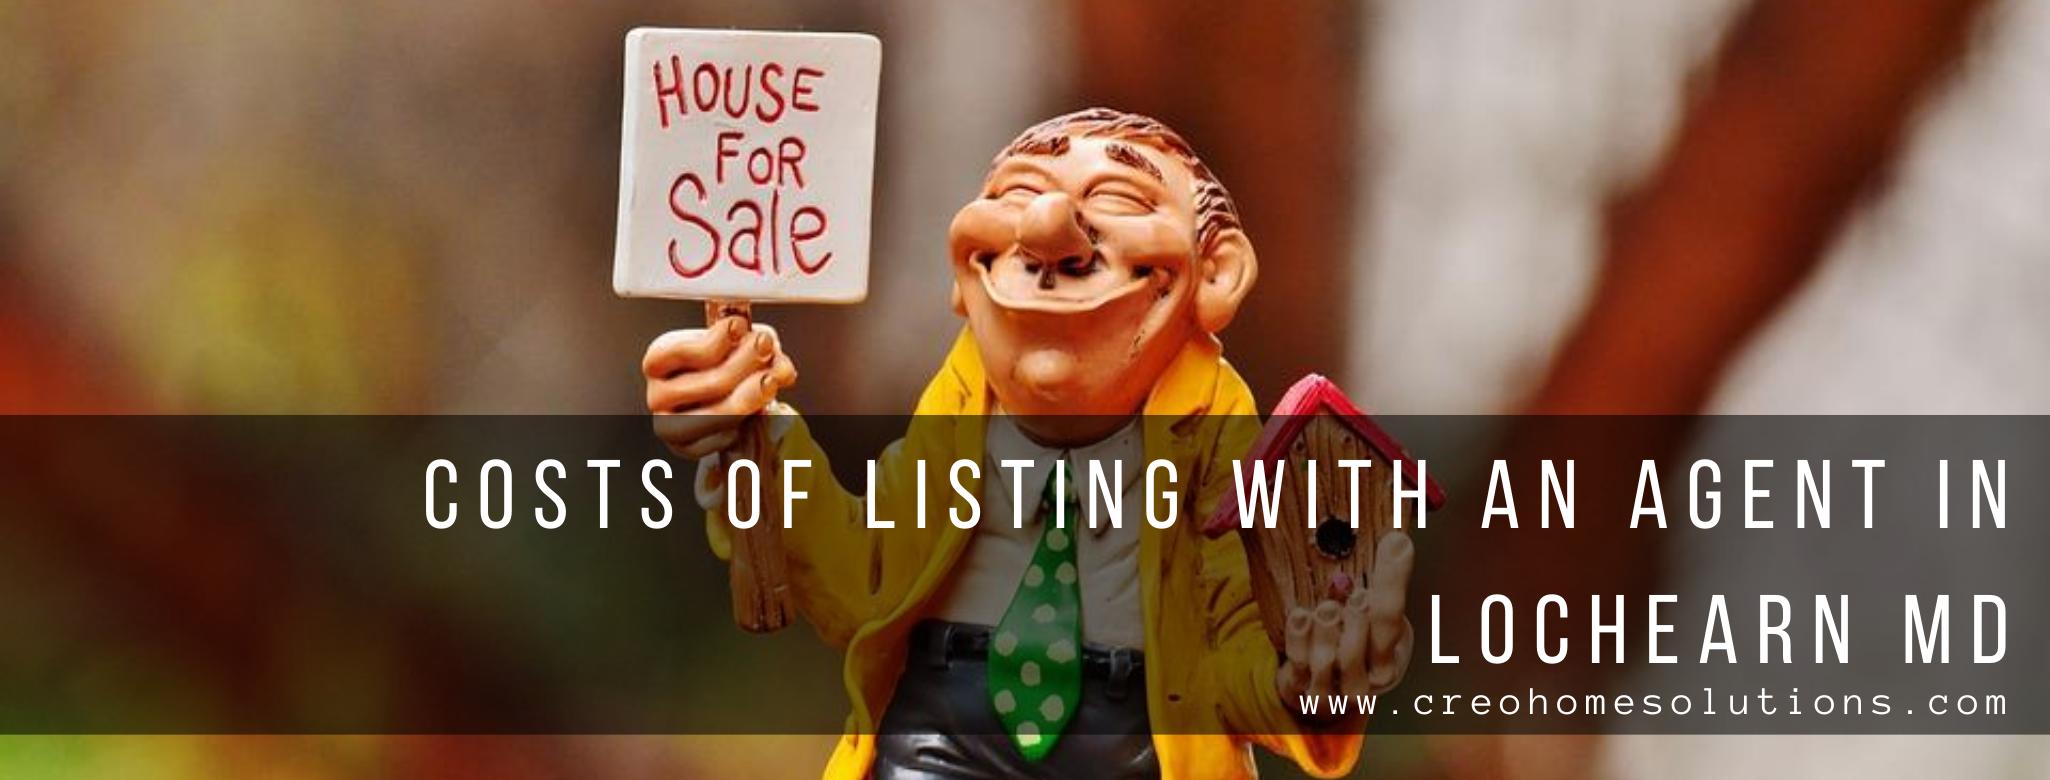 We buy properties in Lochearn MD